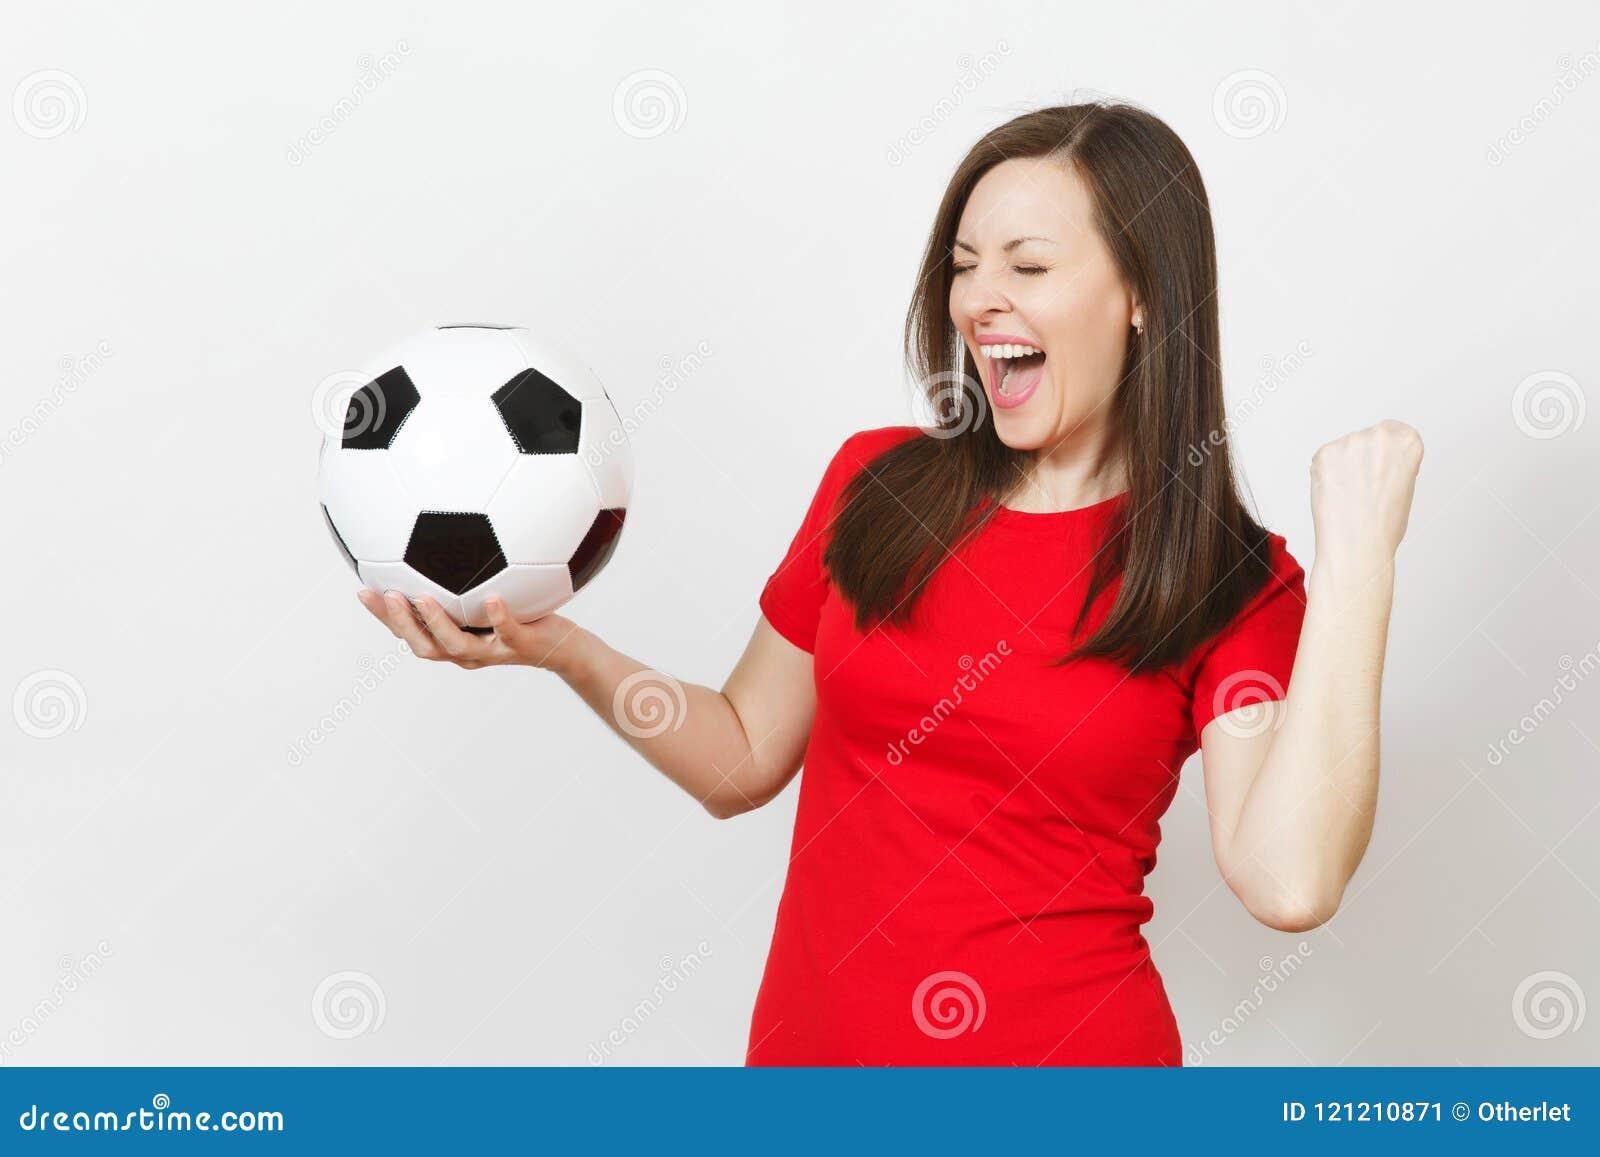 e474ef8b7ce63 ... fan de futebol ou jogador na bola de futebol guardando uniforme  vermelha